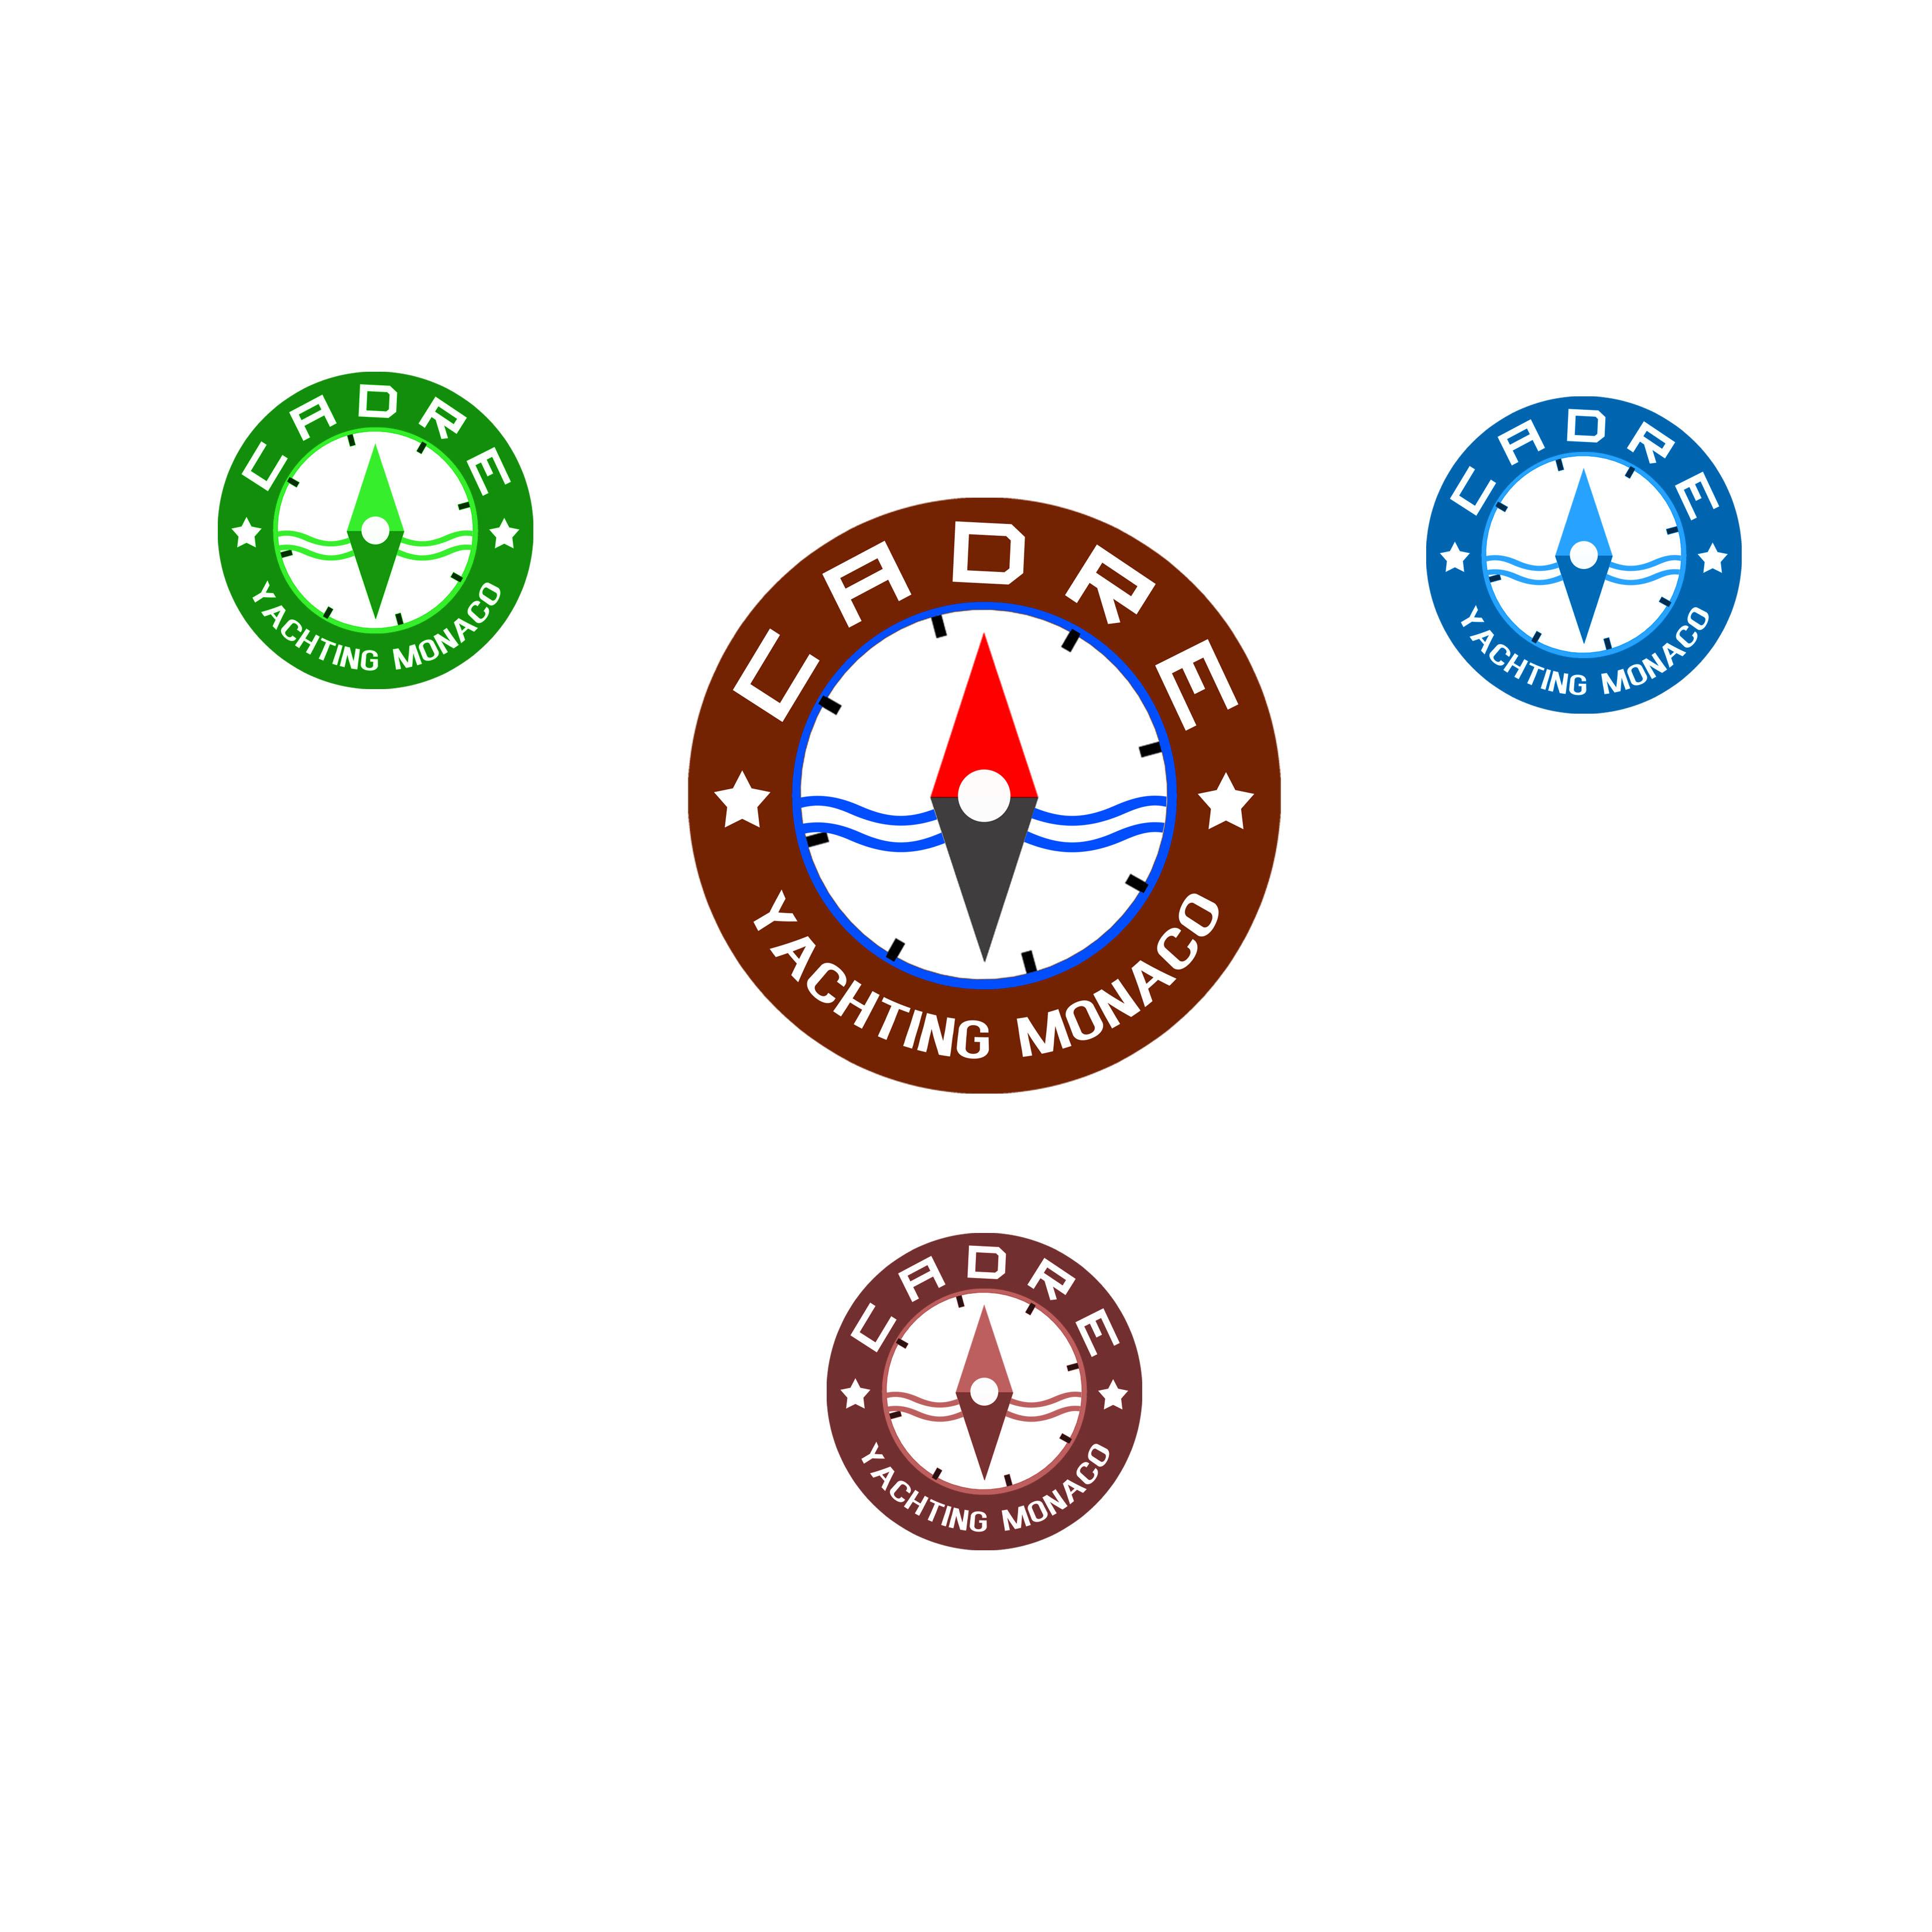 Logo Design by Alan Esclamado - Entry No. 218 in the Logo Design Contest New Logo Design for Cadre Yachting Monaco.